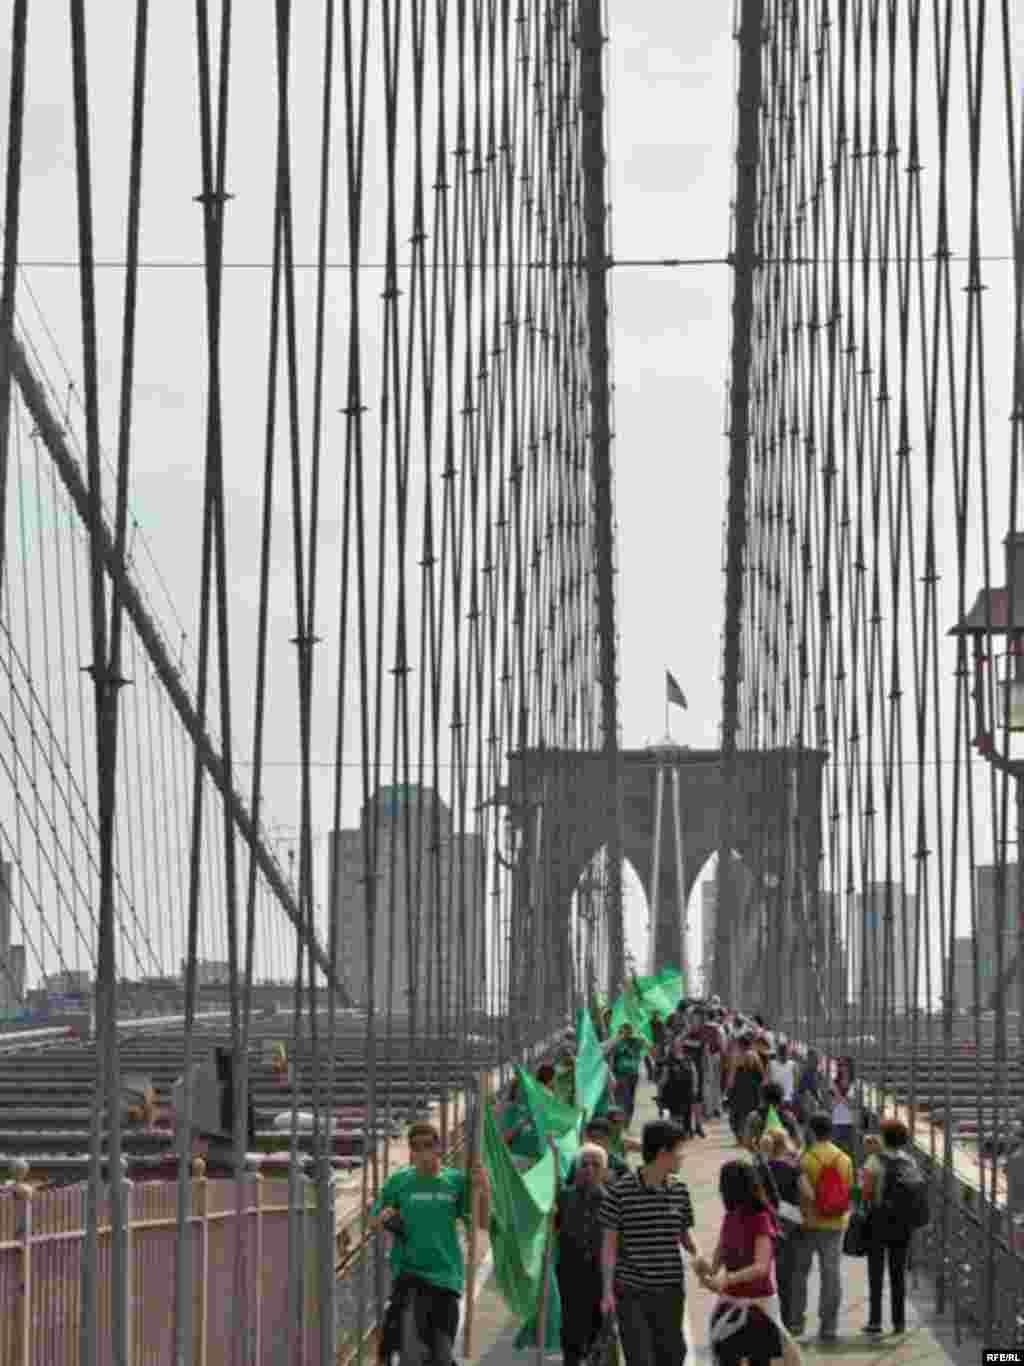 پل بزرگ بروکلین در نیویورک، شهر محل ساختمان سازمان ملل